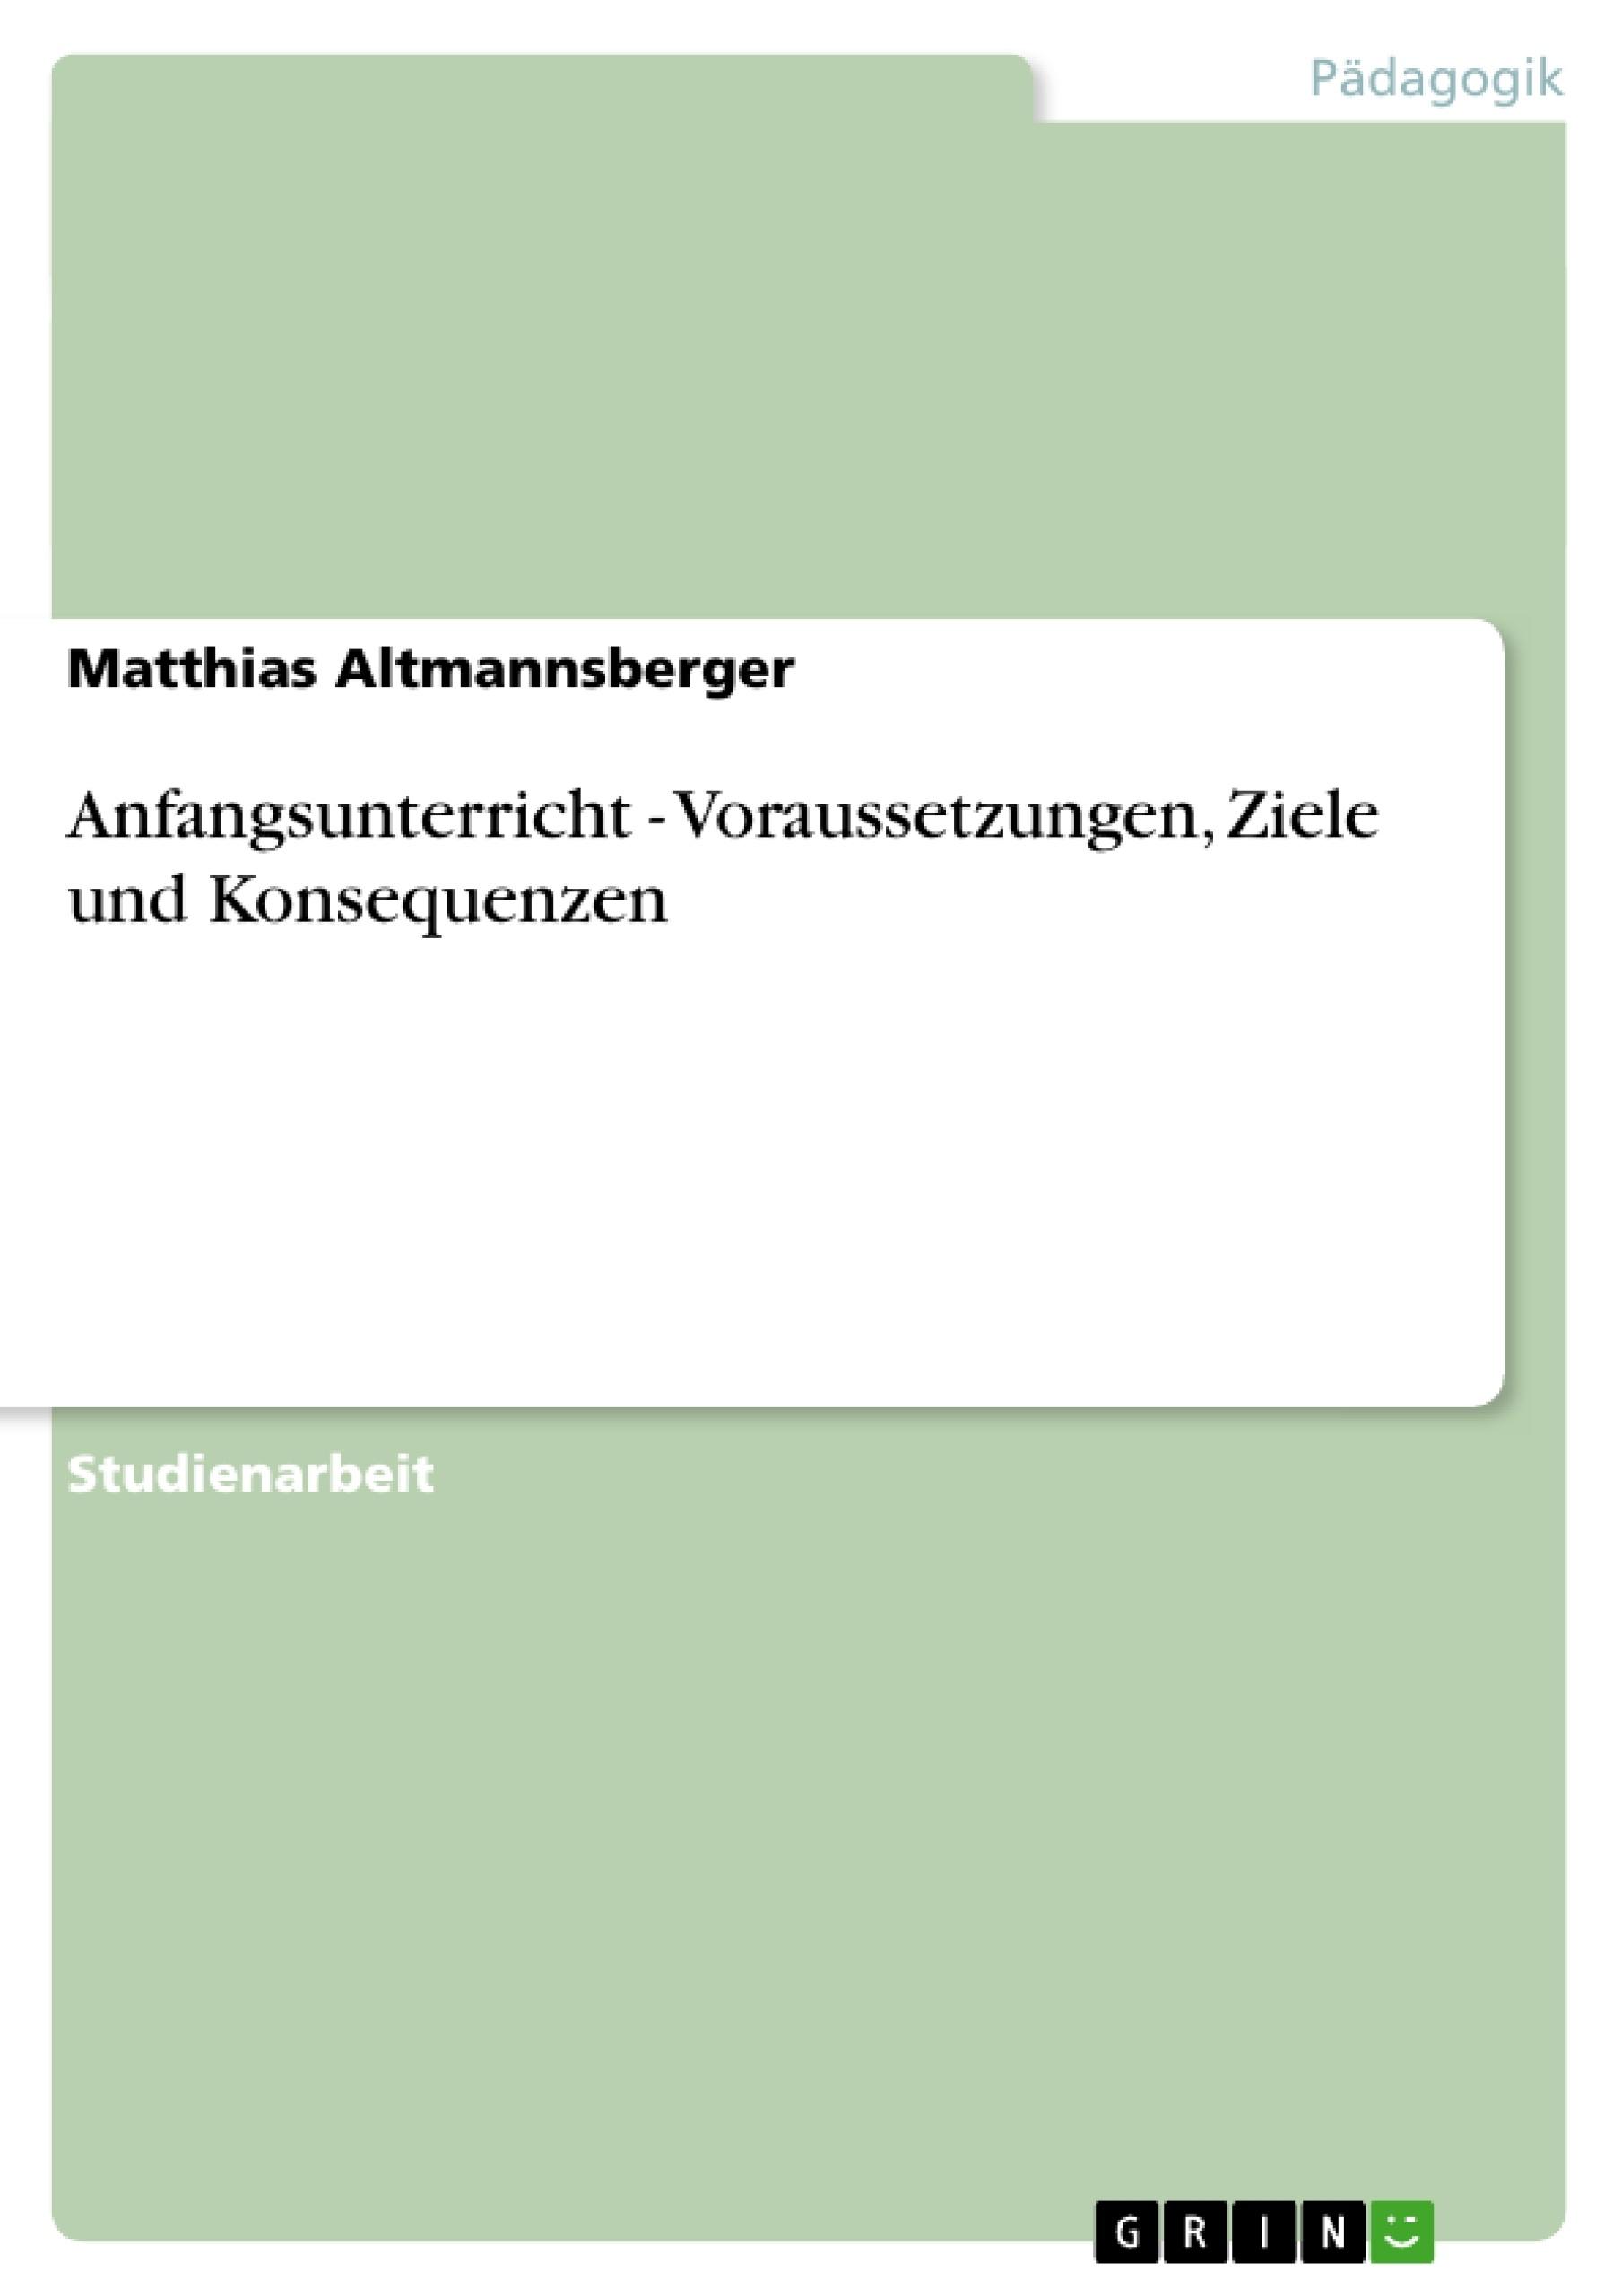 Titel: Anfangsunterricht - Voraussetzungen, Ziele und Konsequenzen